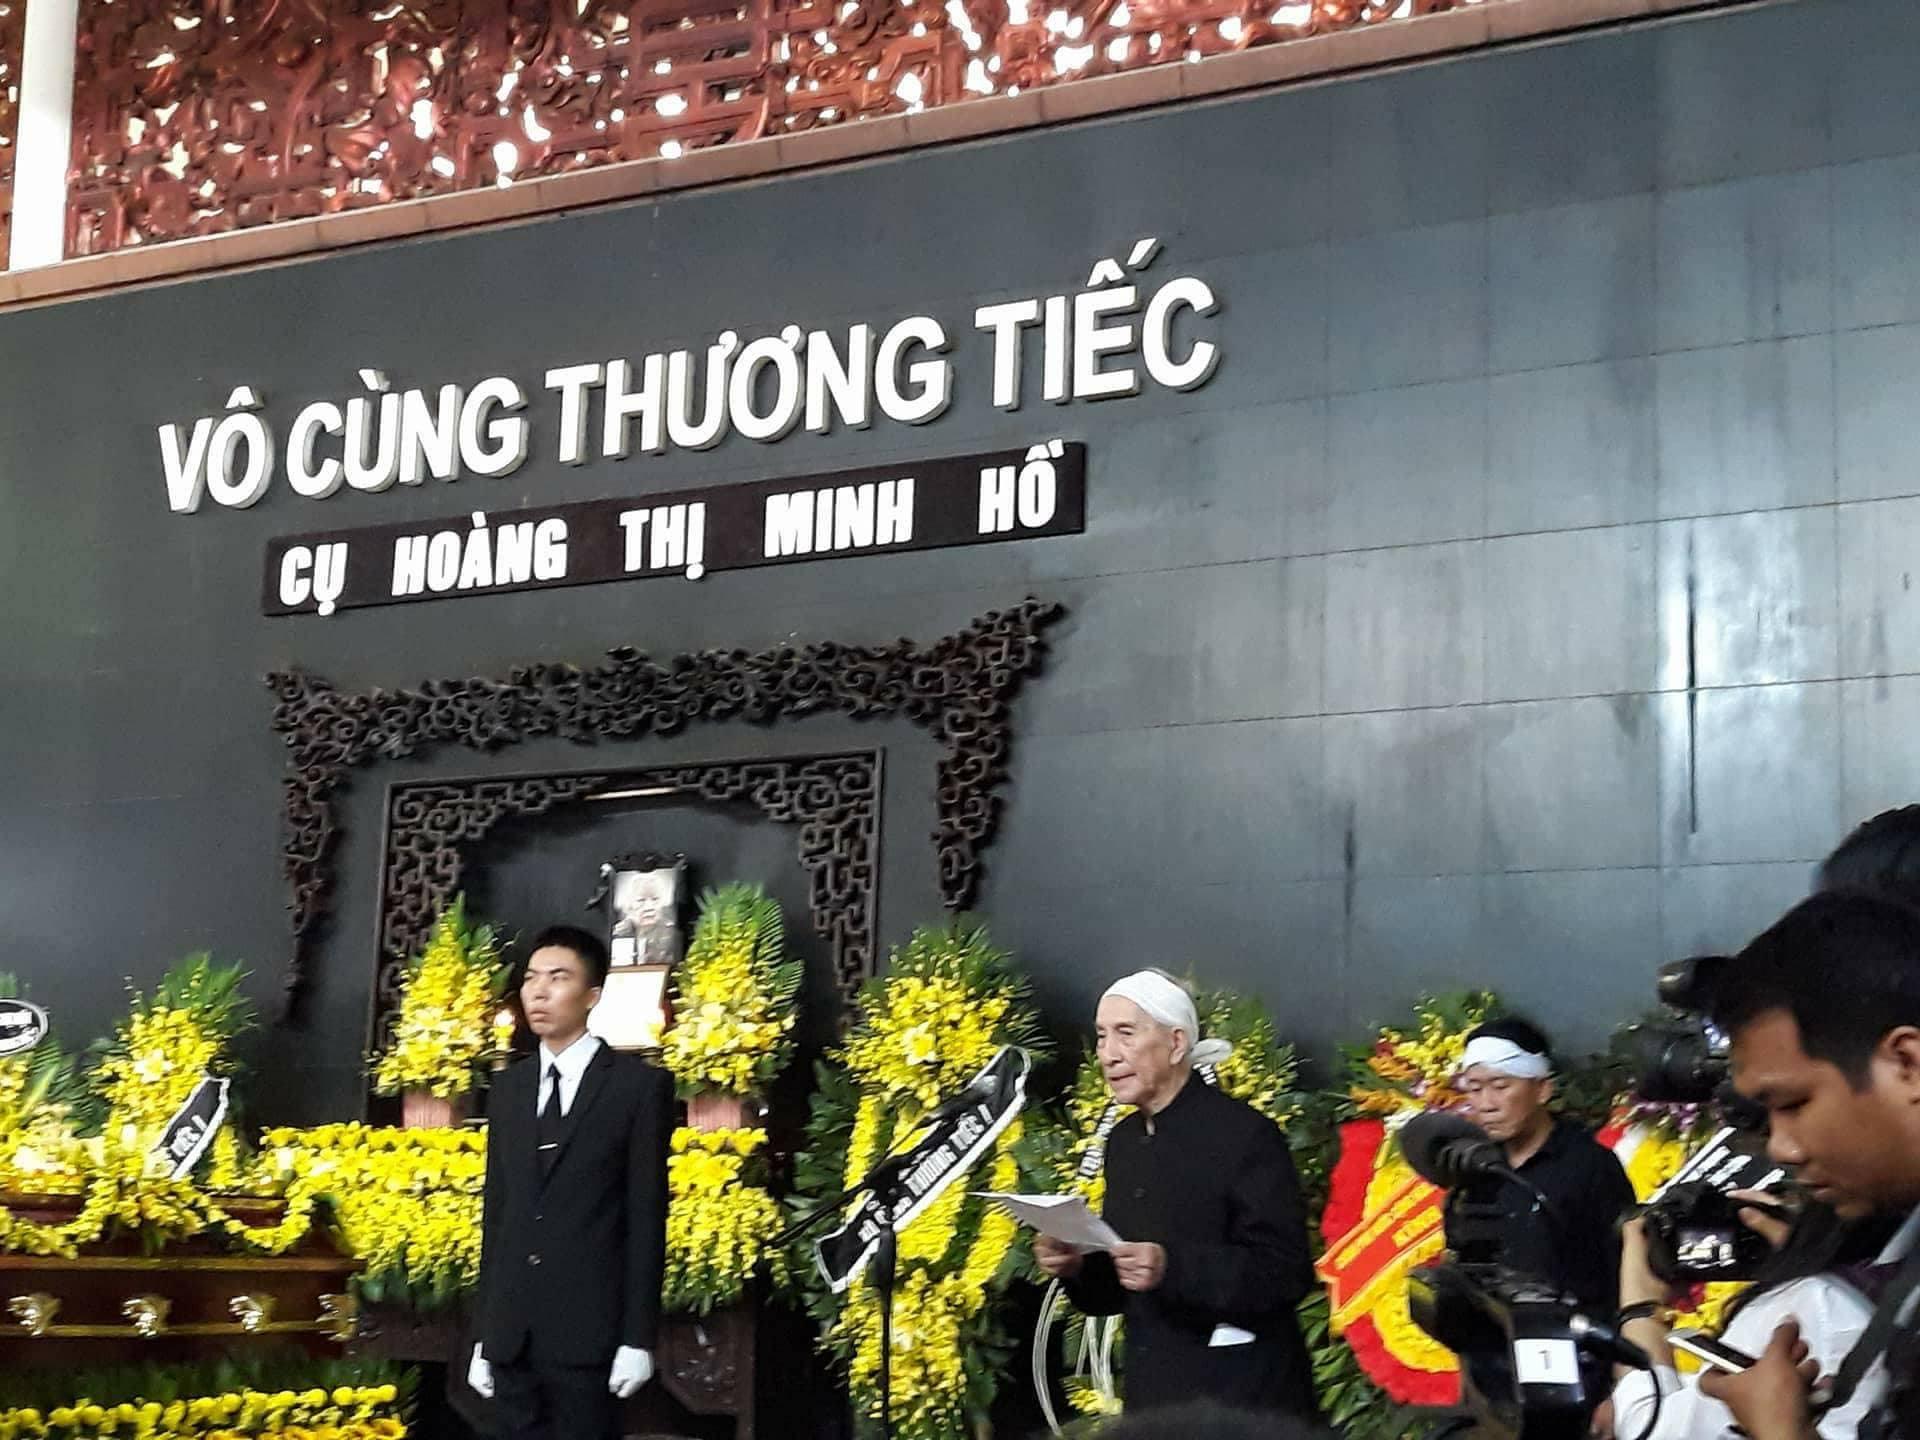 Phó Thủ tướng đến viếng cụ Hoàng Thị Minh Hồ - người hiến 5.000 lượng vàng cho cách mạng - Ảnh 1